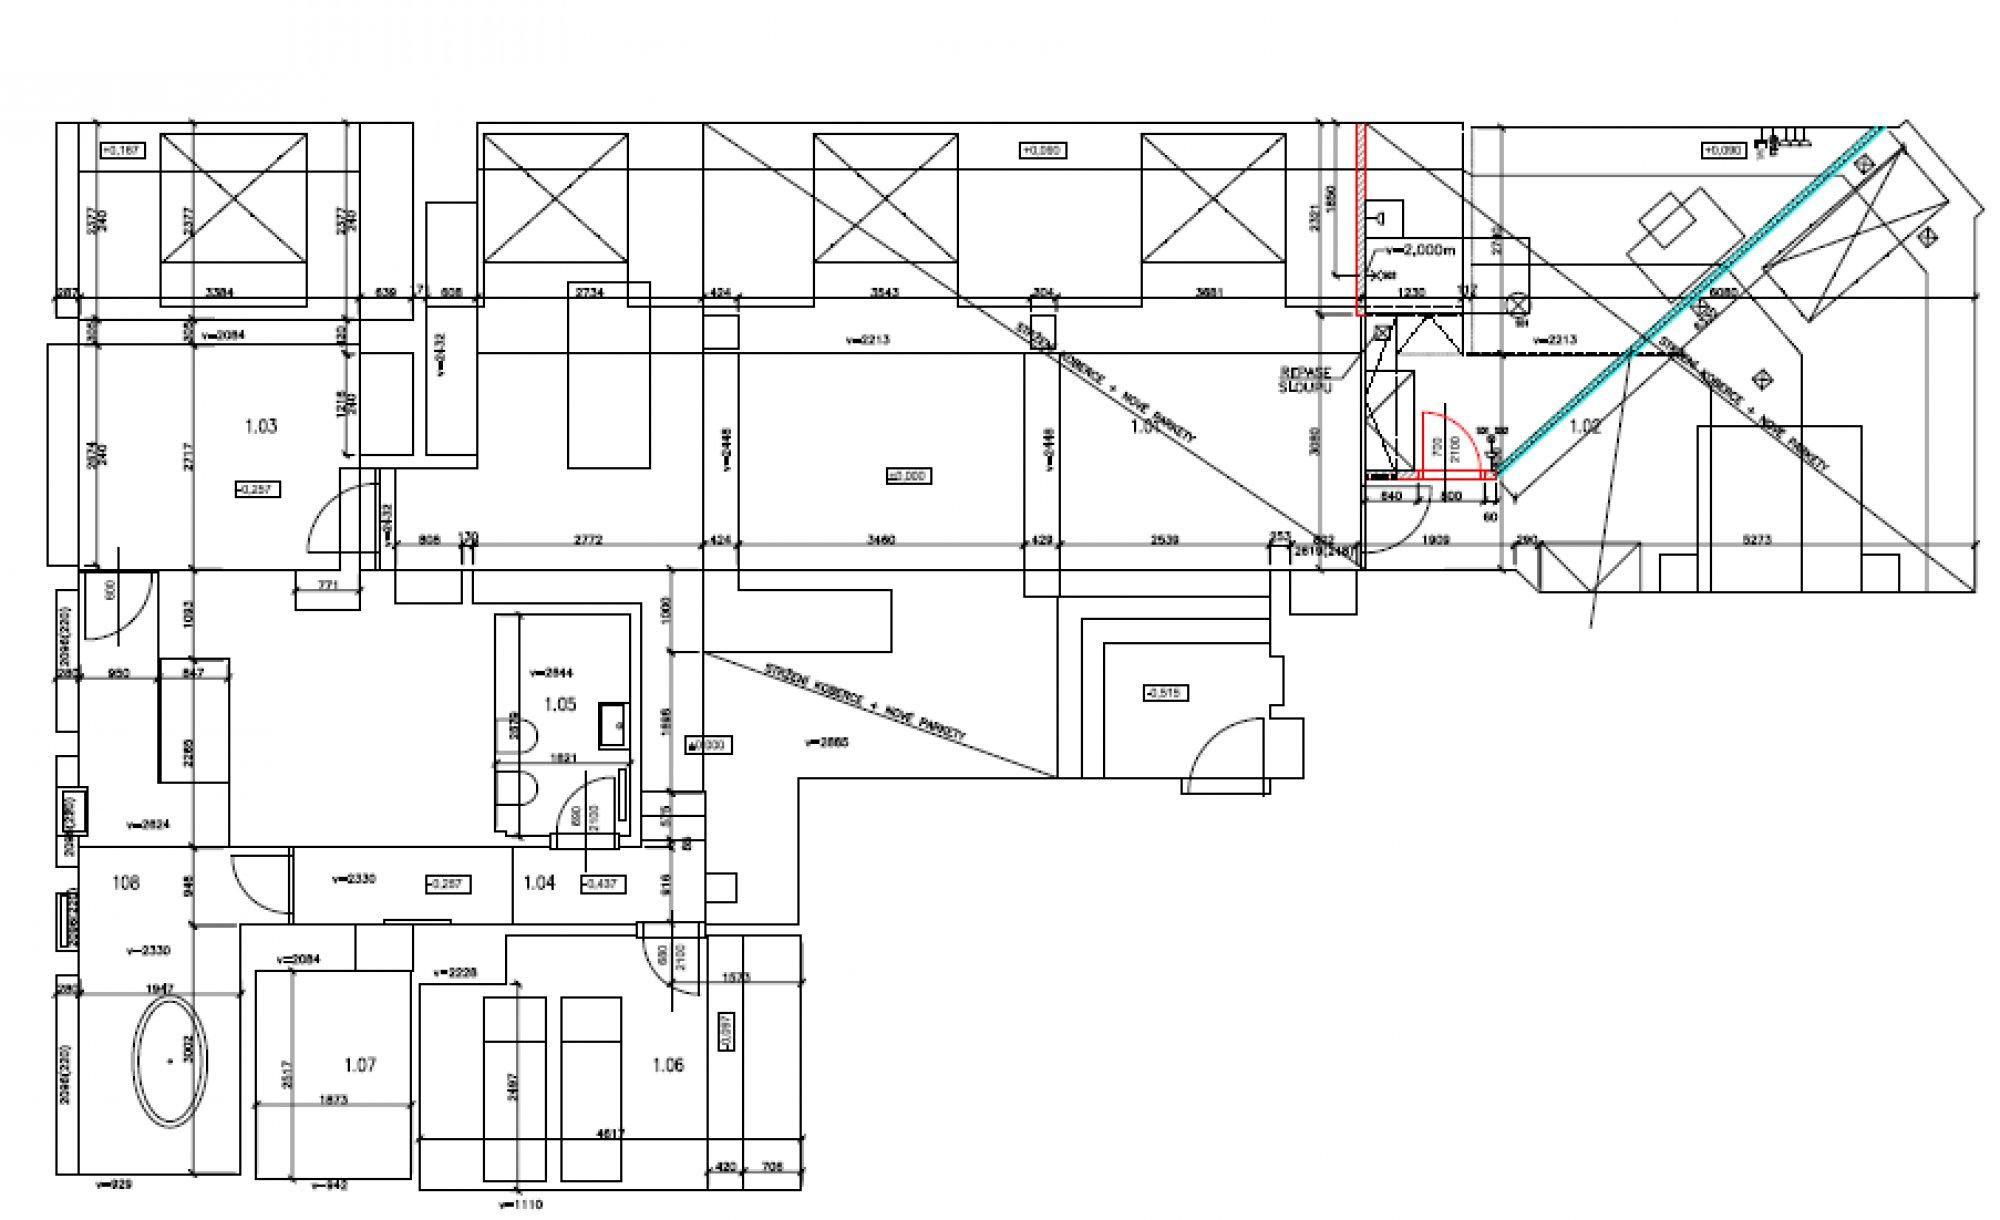 Půdorys - Půdní byt 4+kk, plocha 199 m², ulice Šeříková, Praha 1 - Malá Strana